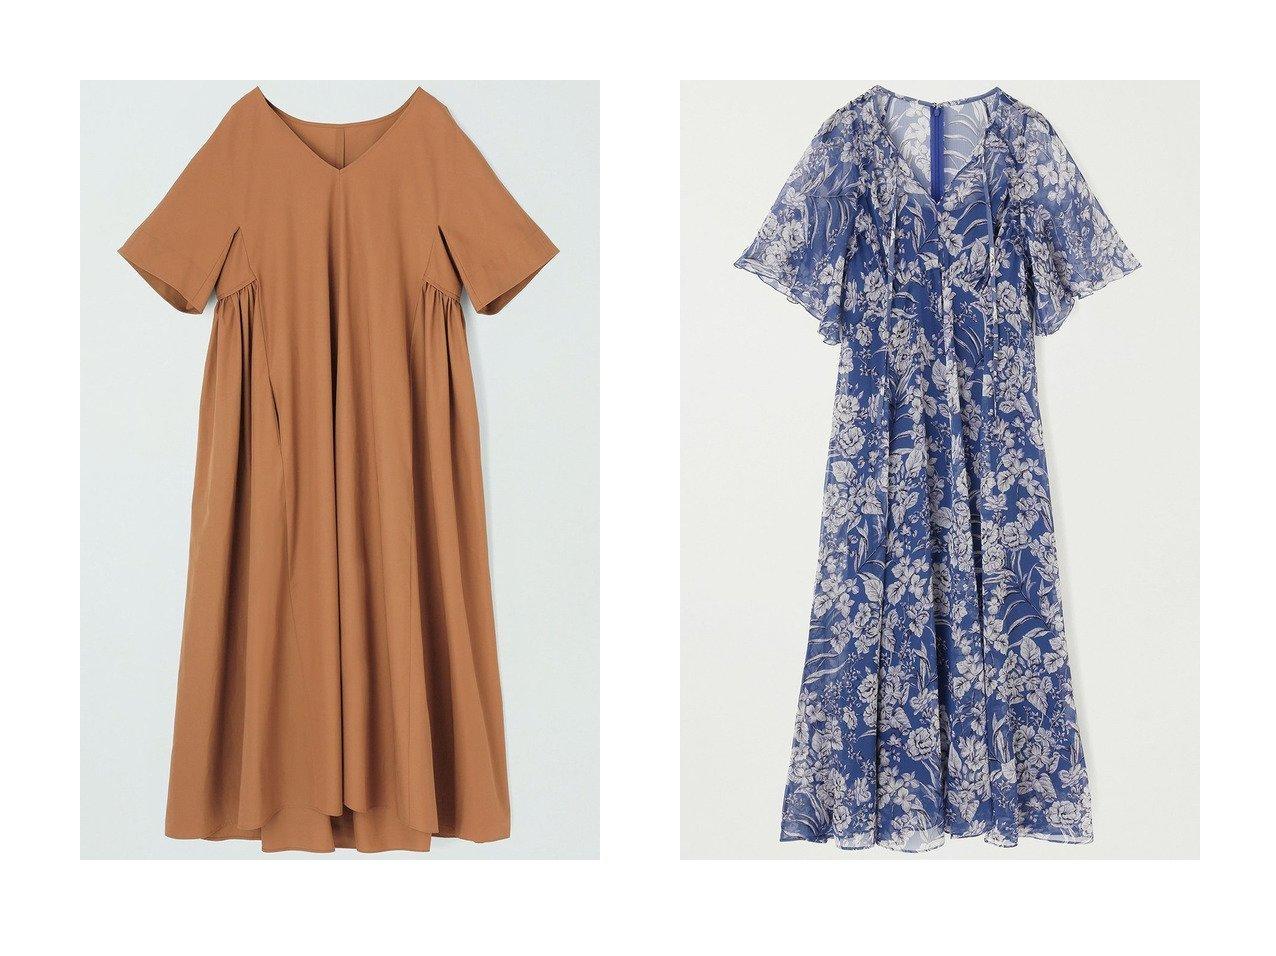 【ANAYI/アナイ】のコンパクトコットンギャザーワンピース&ヨーリューフラワープリントスキッパーワンピース ワンピース・ドレスのおすすめ!人気、トレンド・レディースファッションの通販 おすすめで人気の流行・トレンド、ファッションの通販商品 メンズファッション・キッズファッション・インテリア・家具・レディースファッション・服の通販 founy(ファニー) https://founy.com/ ファッション Fashion レディースファッション WOMEN ワンピース Dress 2021年 2021 2021 春夏 S/S SS Spring/Summer 2021 S/S 春夏 SS Spring/Summer エレガント ギャザー デコルテ パーティ フォルム ロング 春 Spring |ID:crp329100000015421